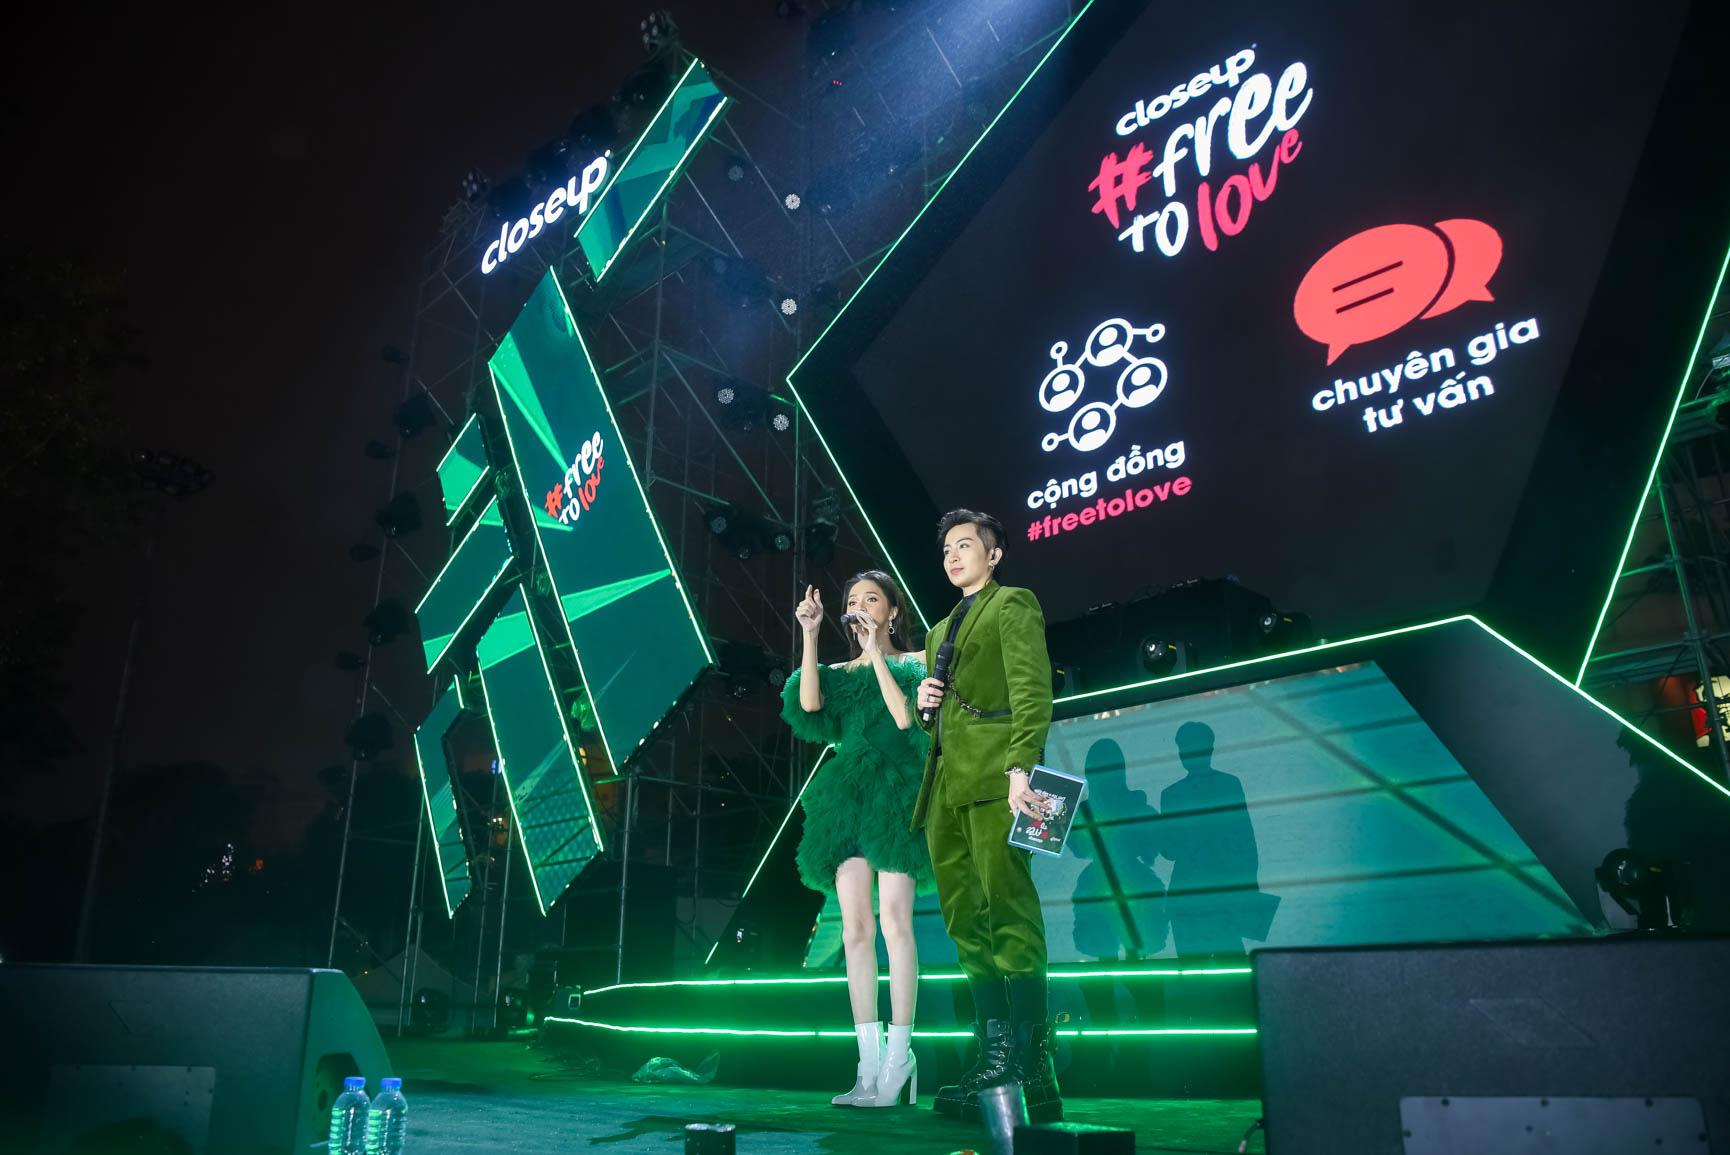 """Vừa xuất viện đã diễn cực """"sung"""", Hương Giang nhiệt tình cổ vũ quyền tự do yêu của giới trẻ cùng dàn sao Vpop - Ảnh 8."""